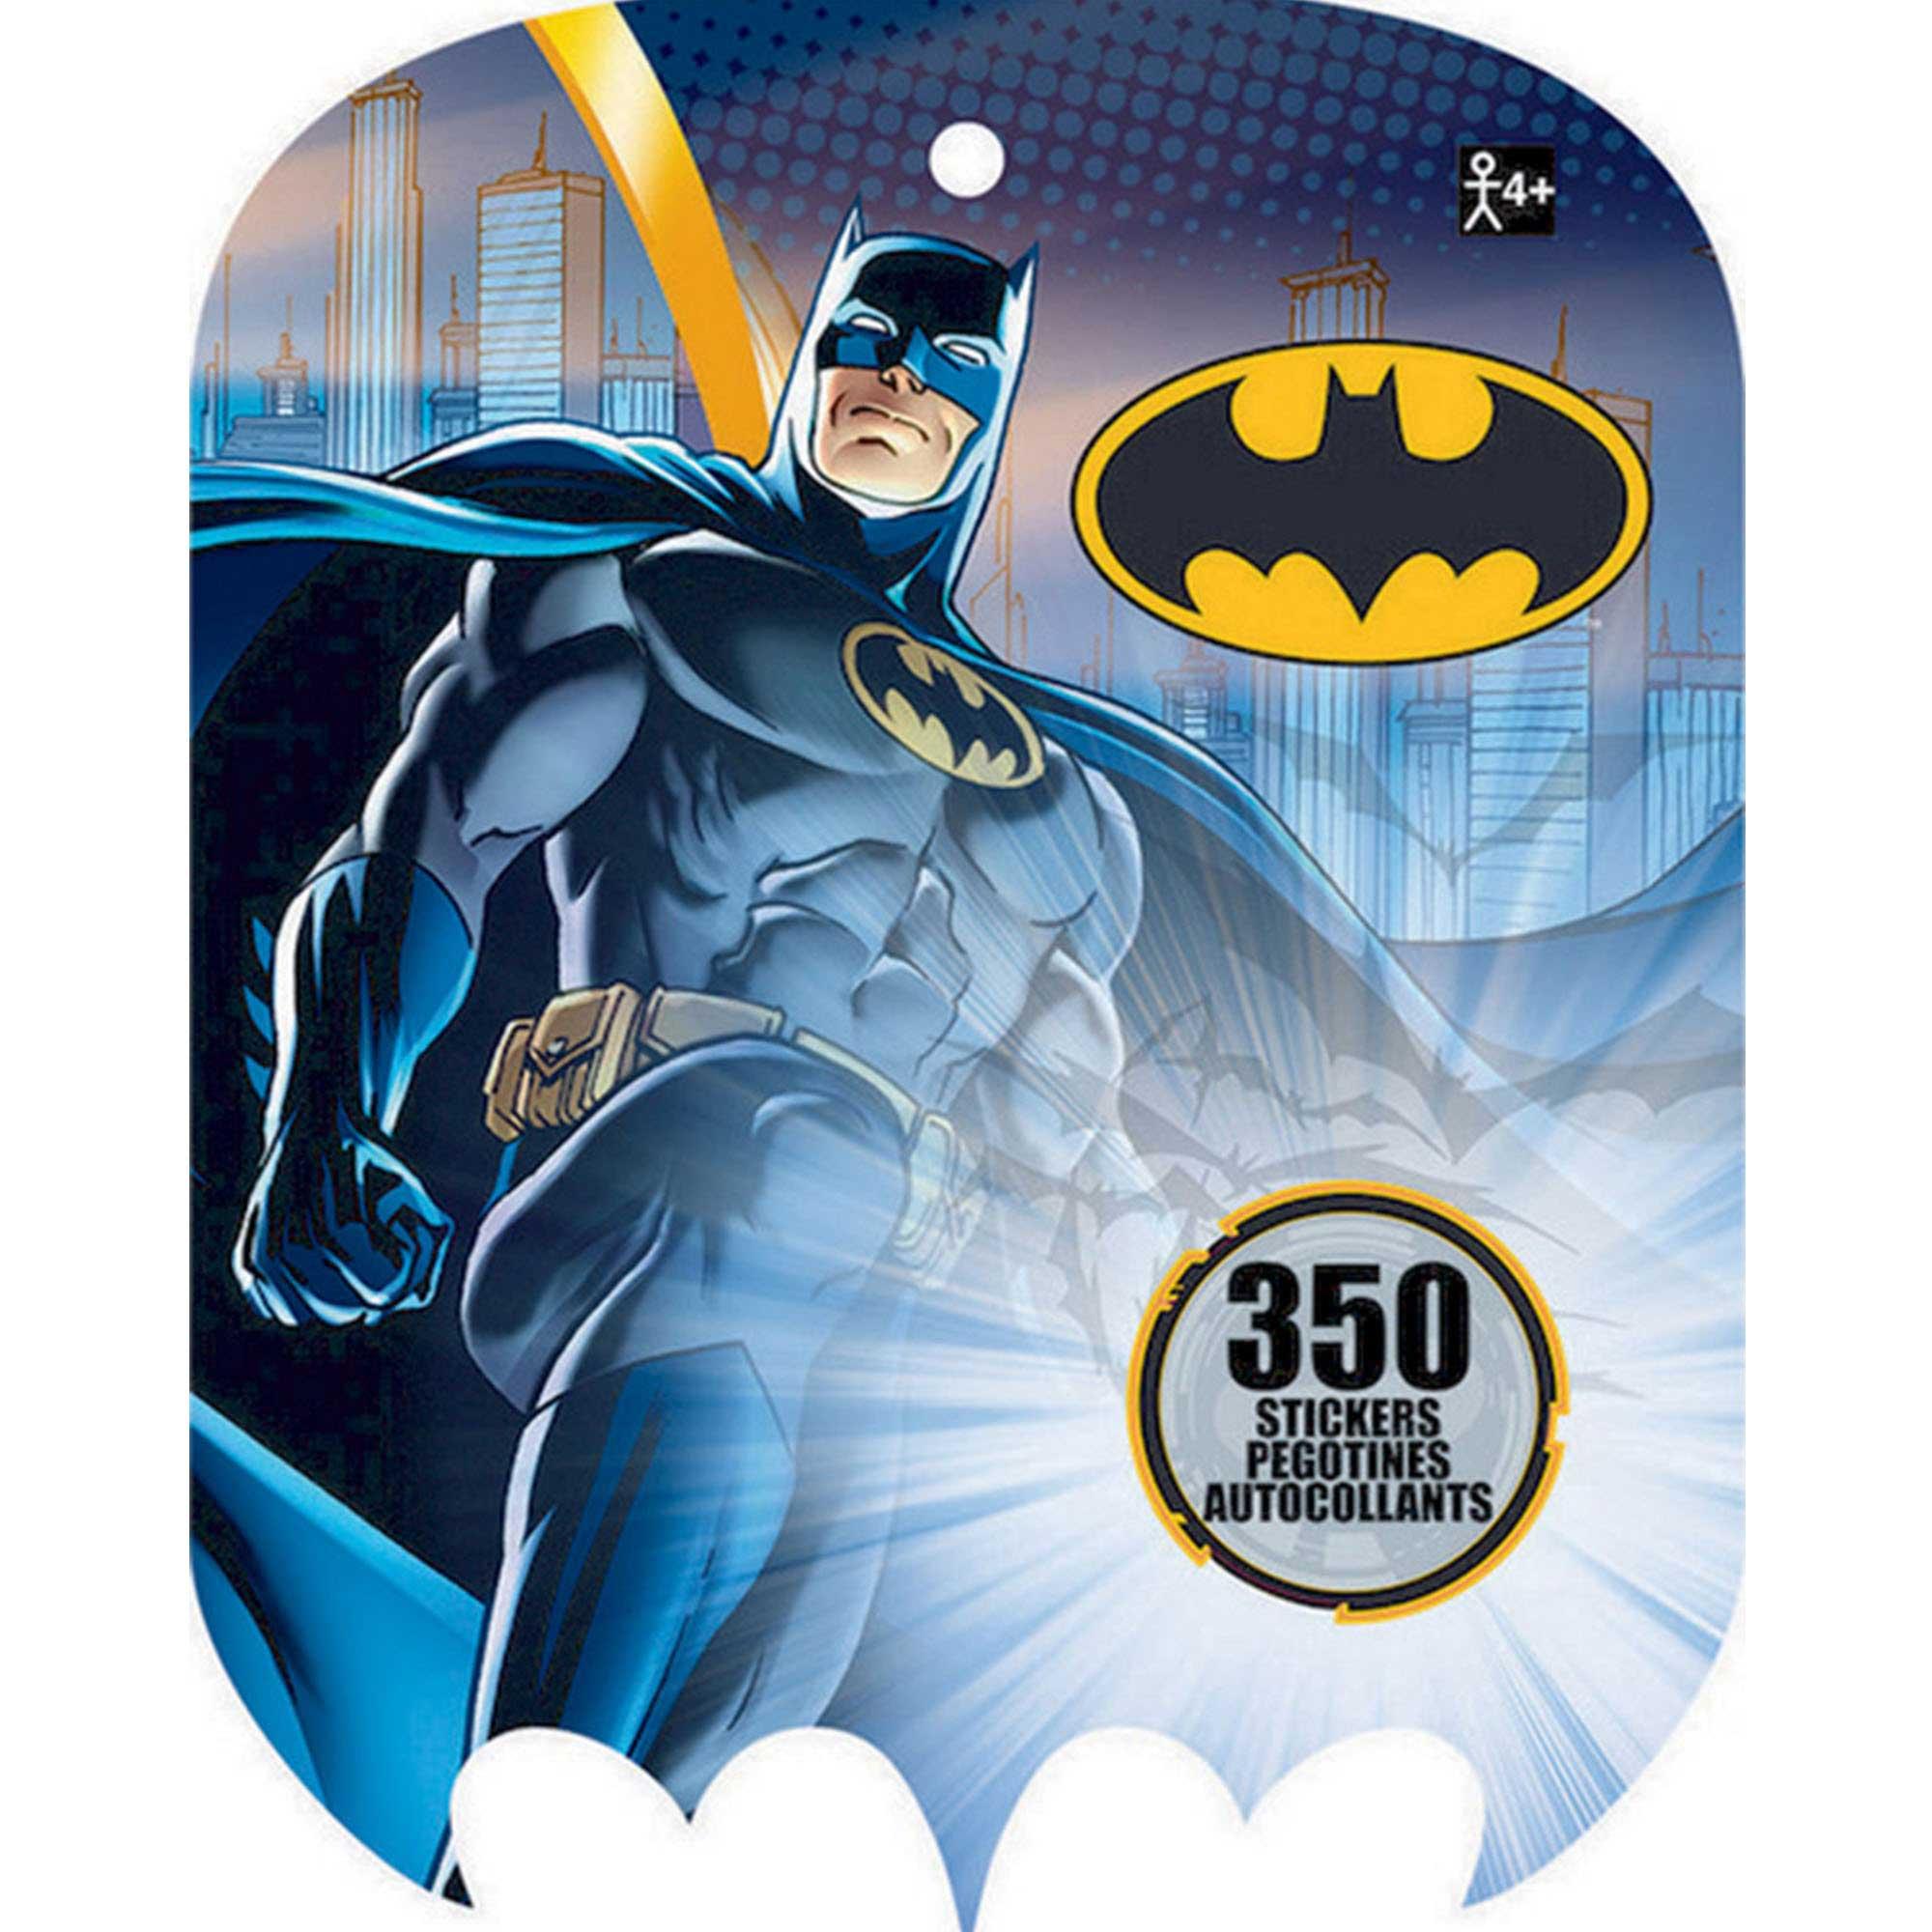 Sticker Book Batman